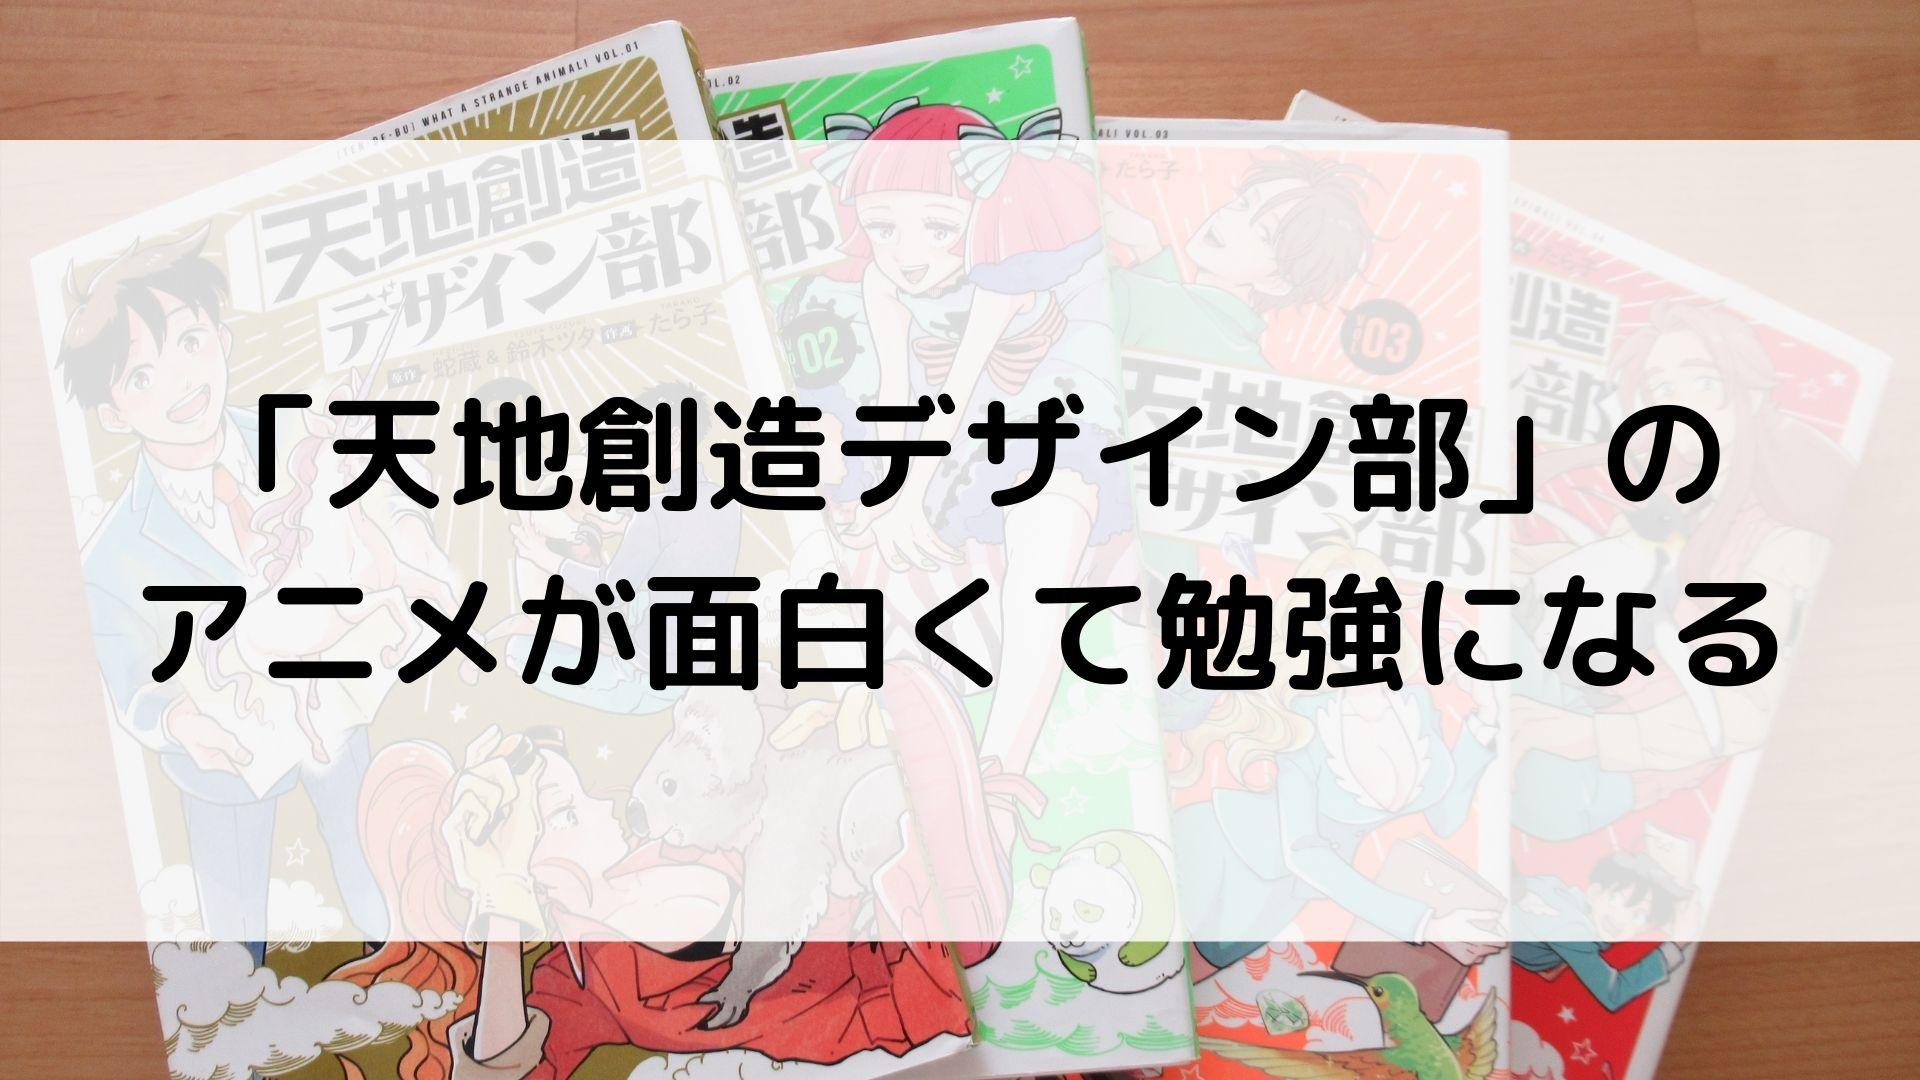 天地創造デザイン部 アニメ